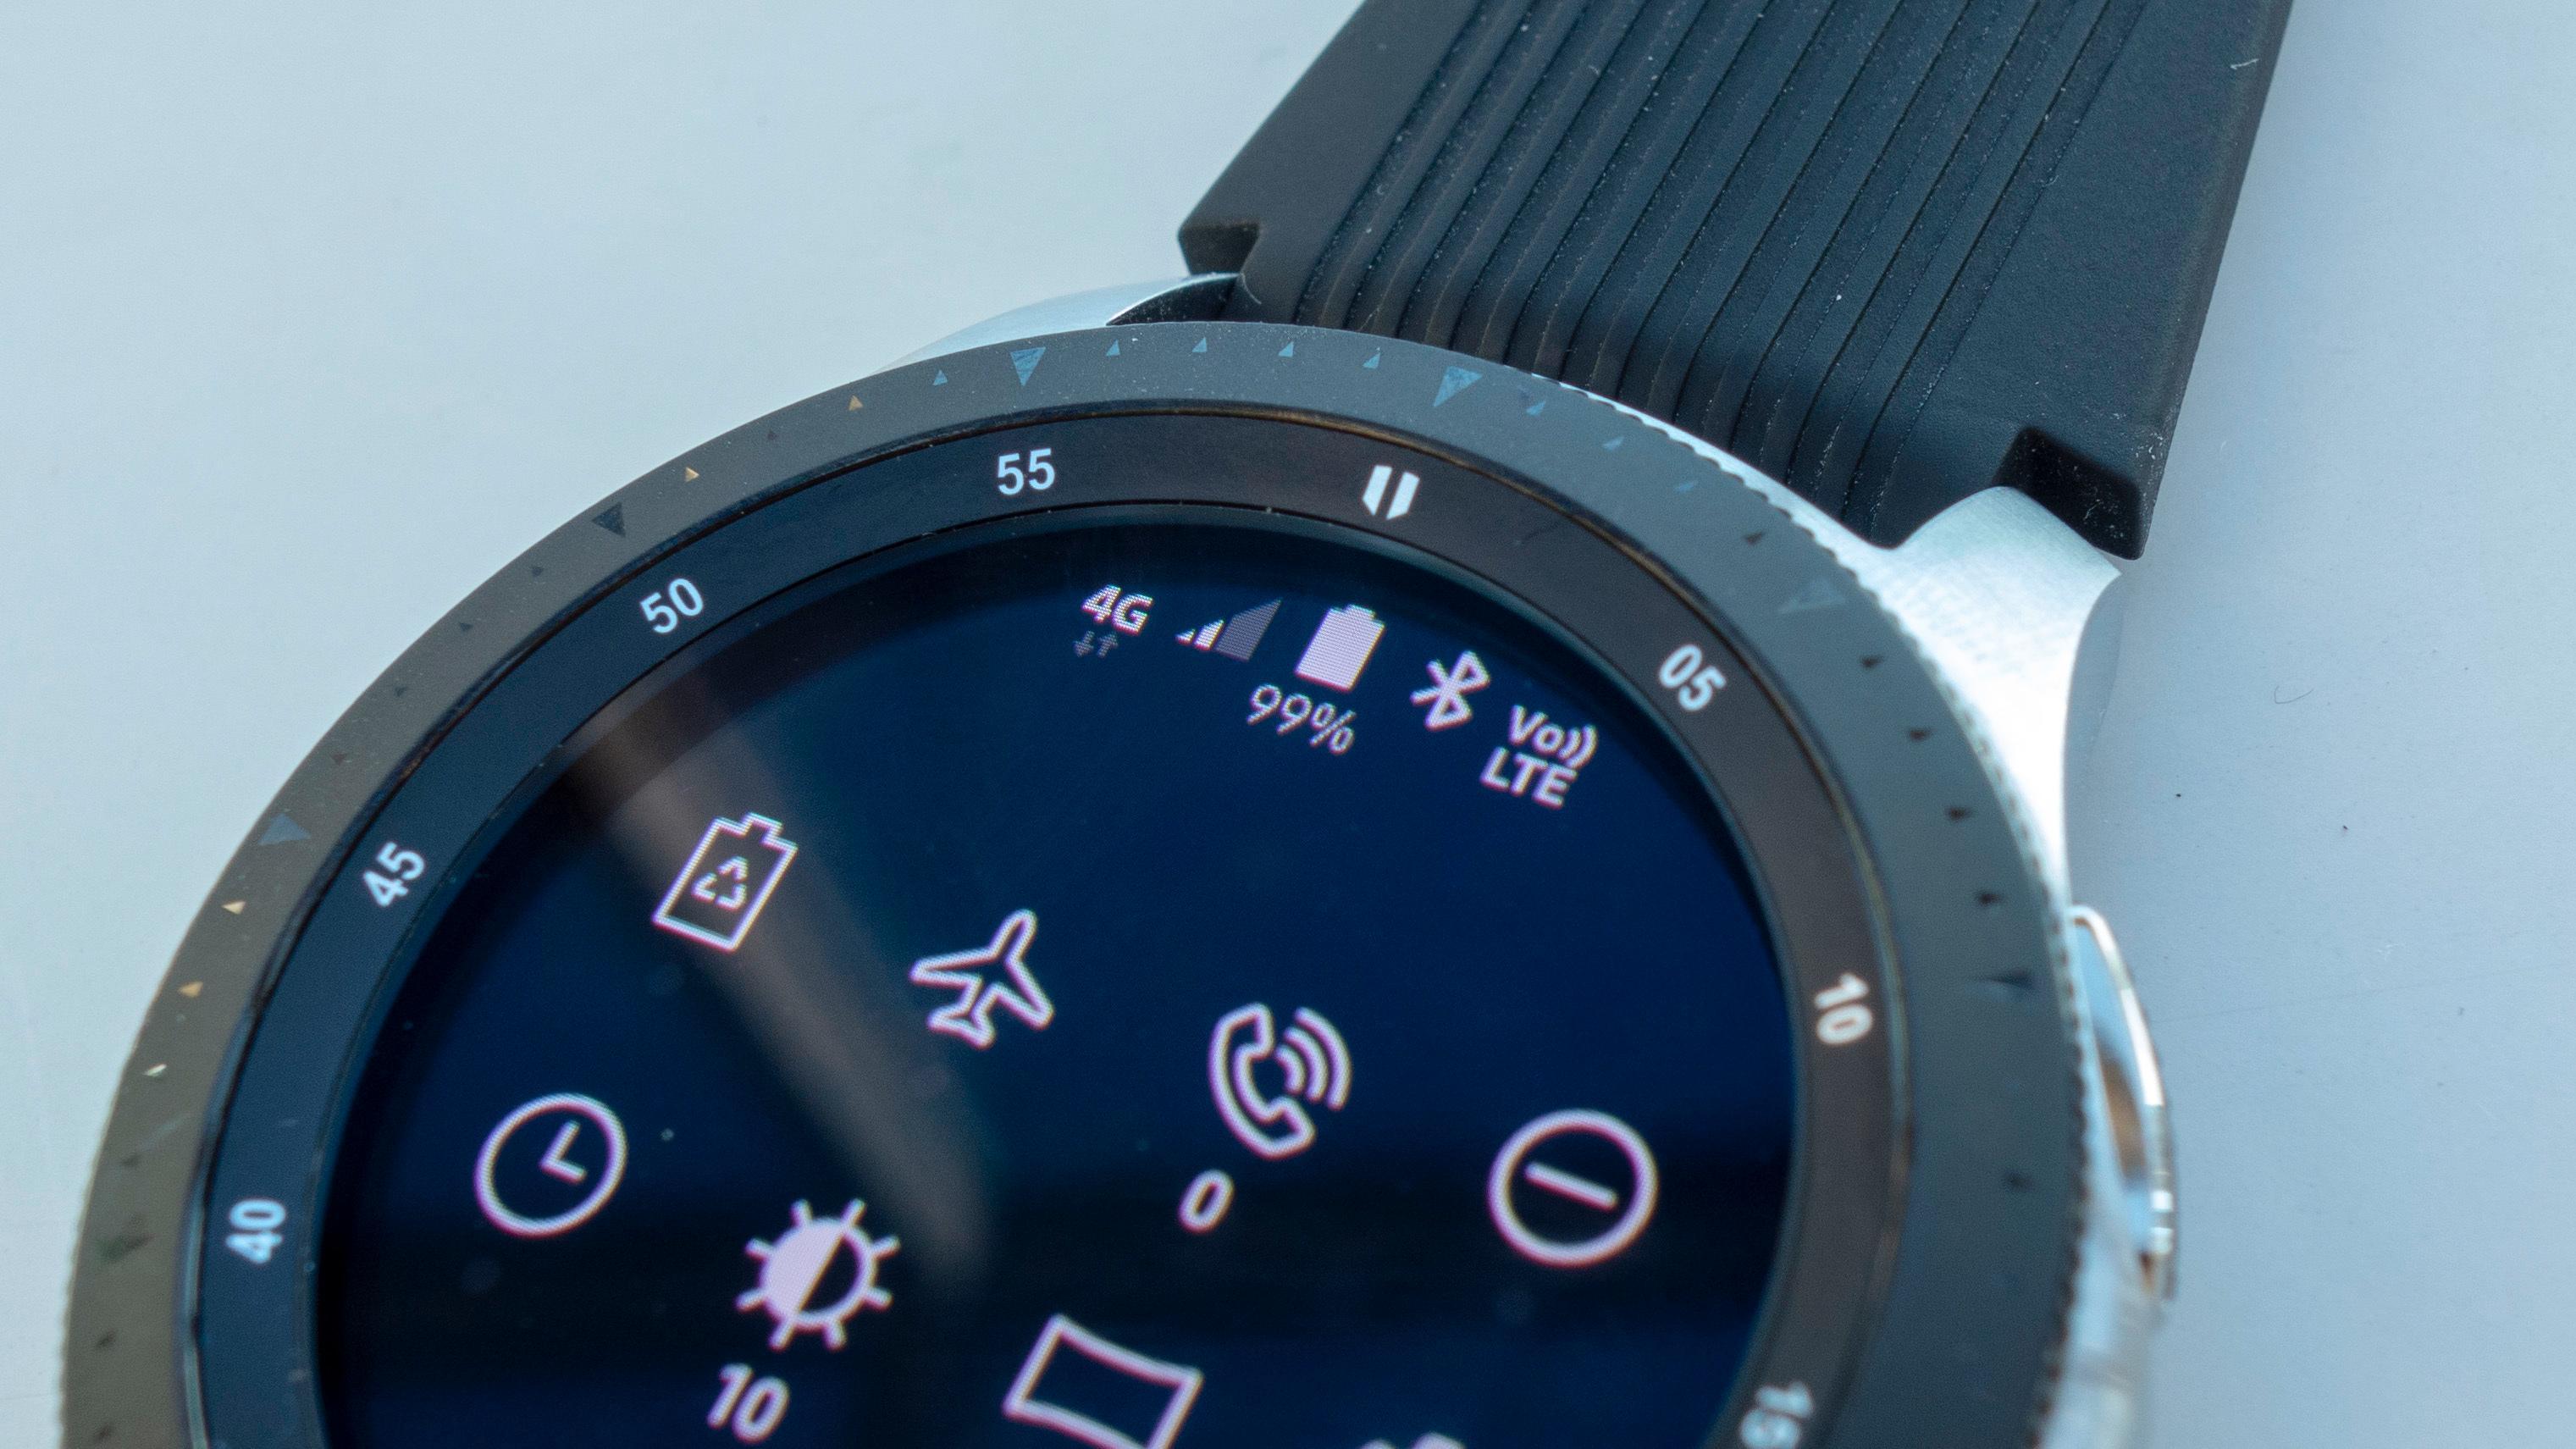 Med eSIM kan du bruke klokken på mobilnettet uten at den trenger å være knyttet til mobilen